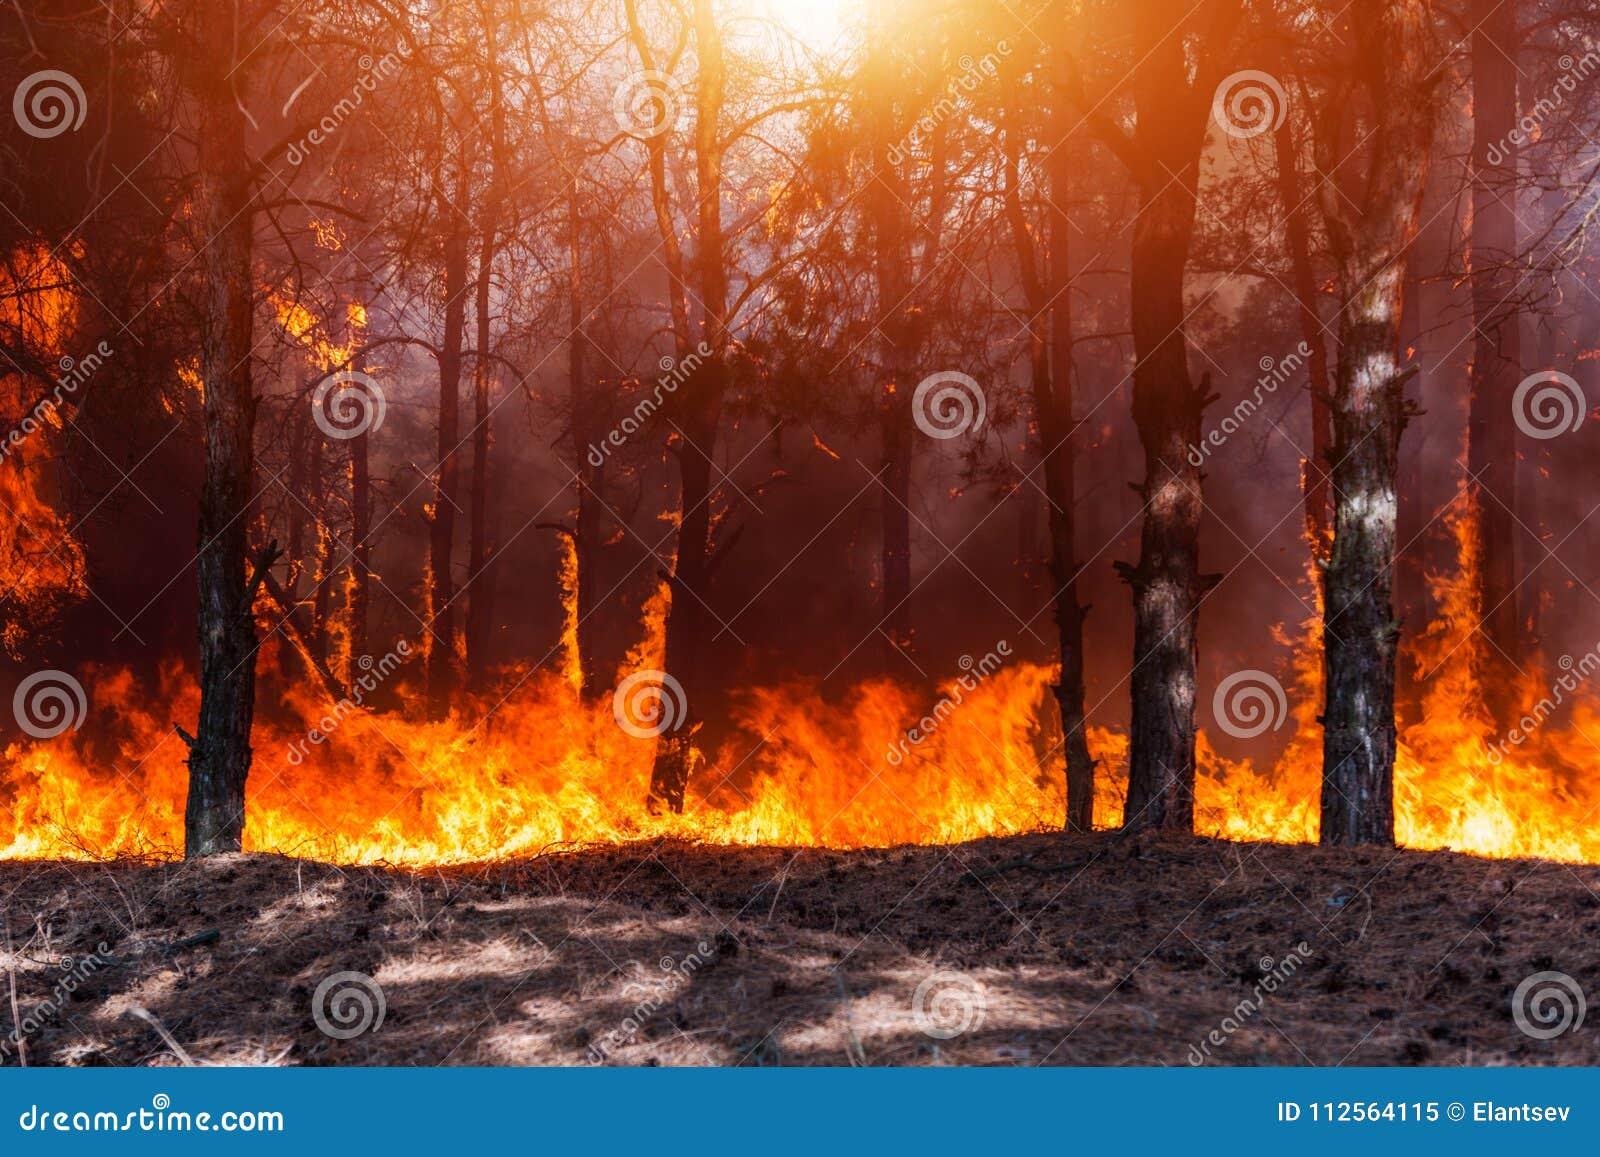 Forest Fire Árvores queimadas após incêndios florestais e lotes do fumo